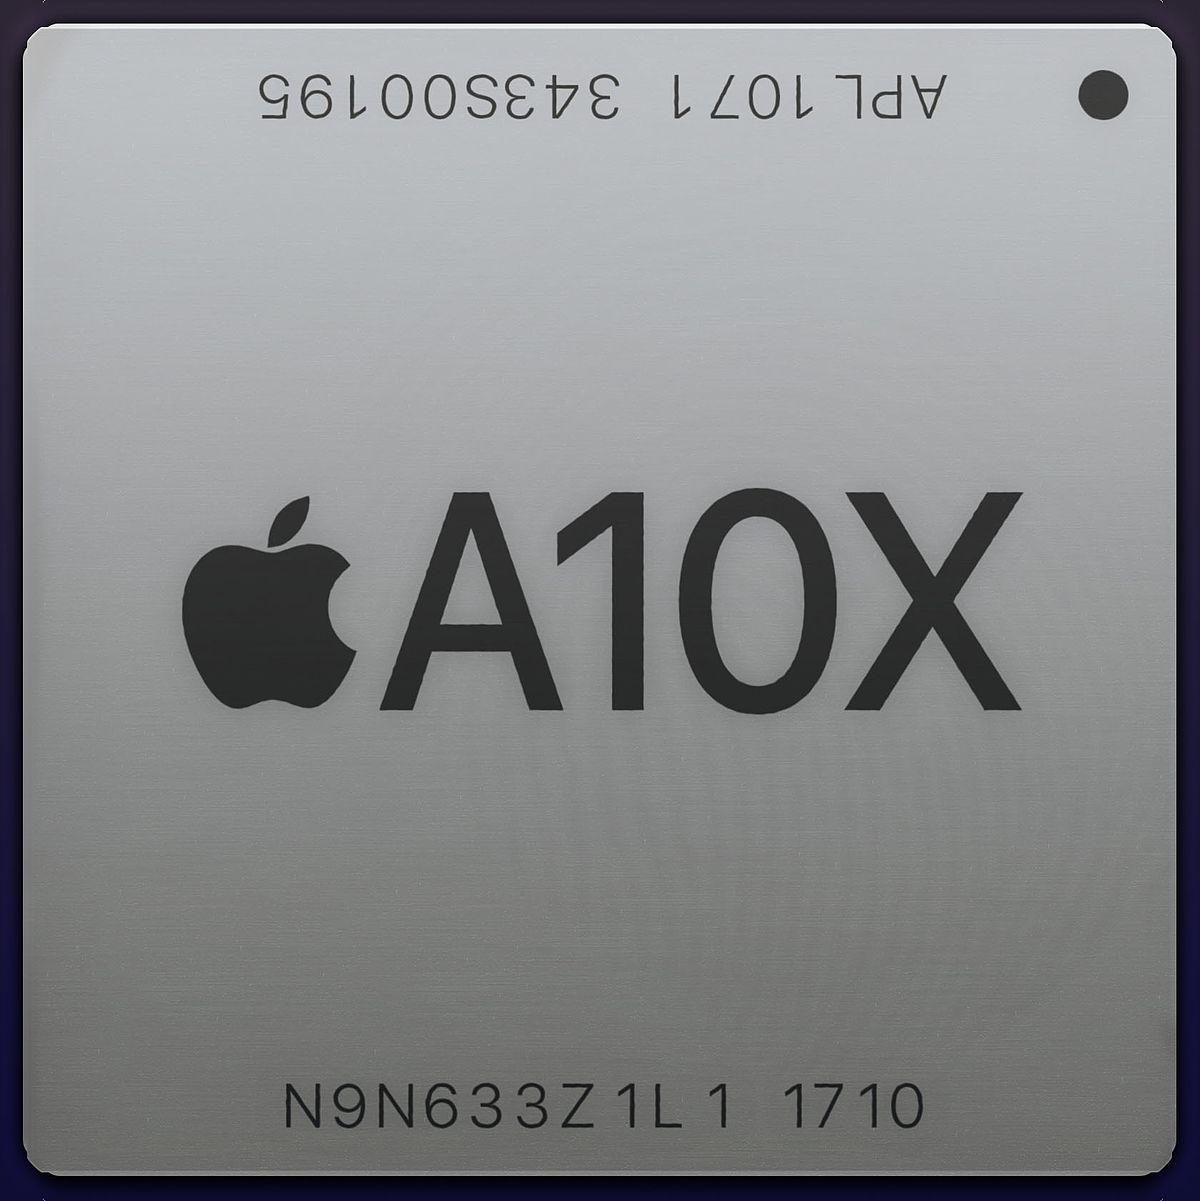 Apple A10x Wikipedia